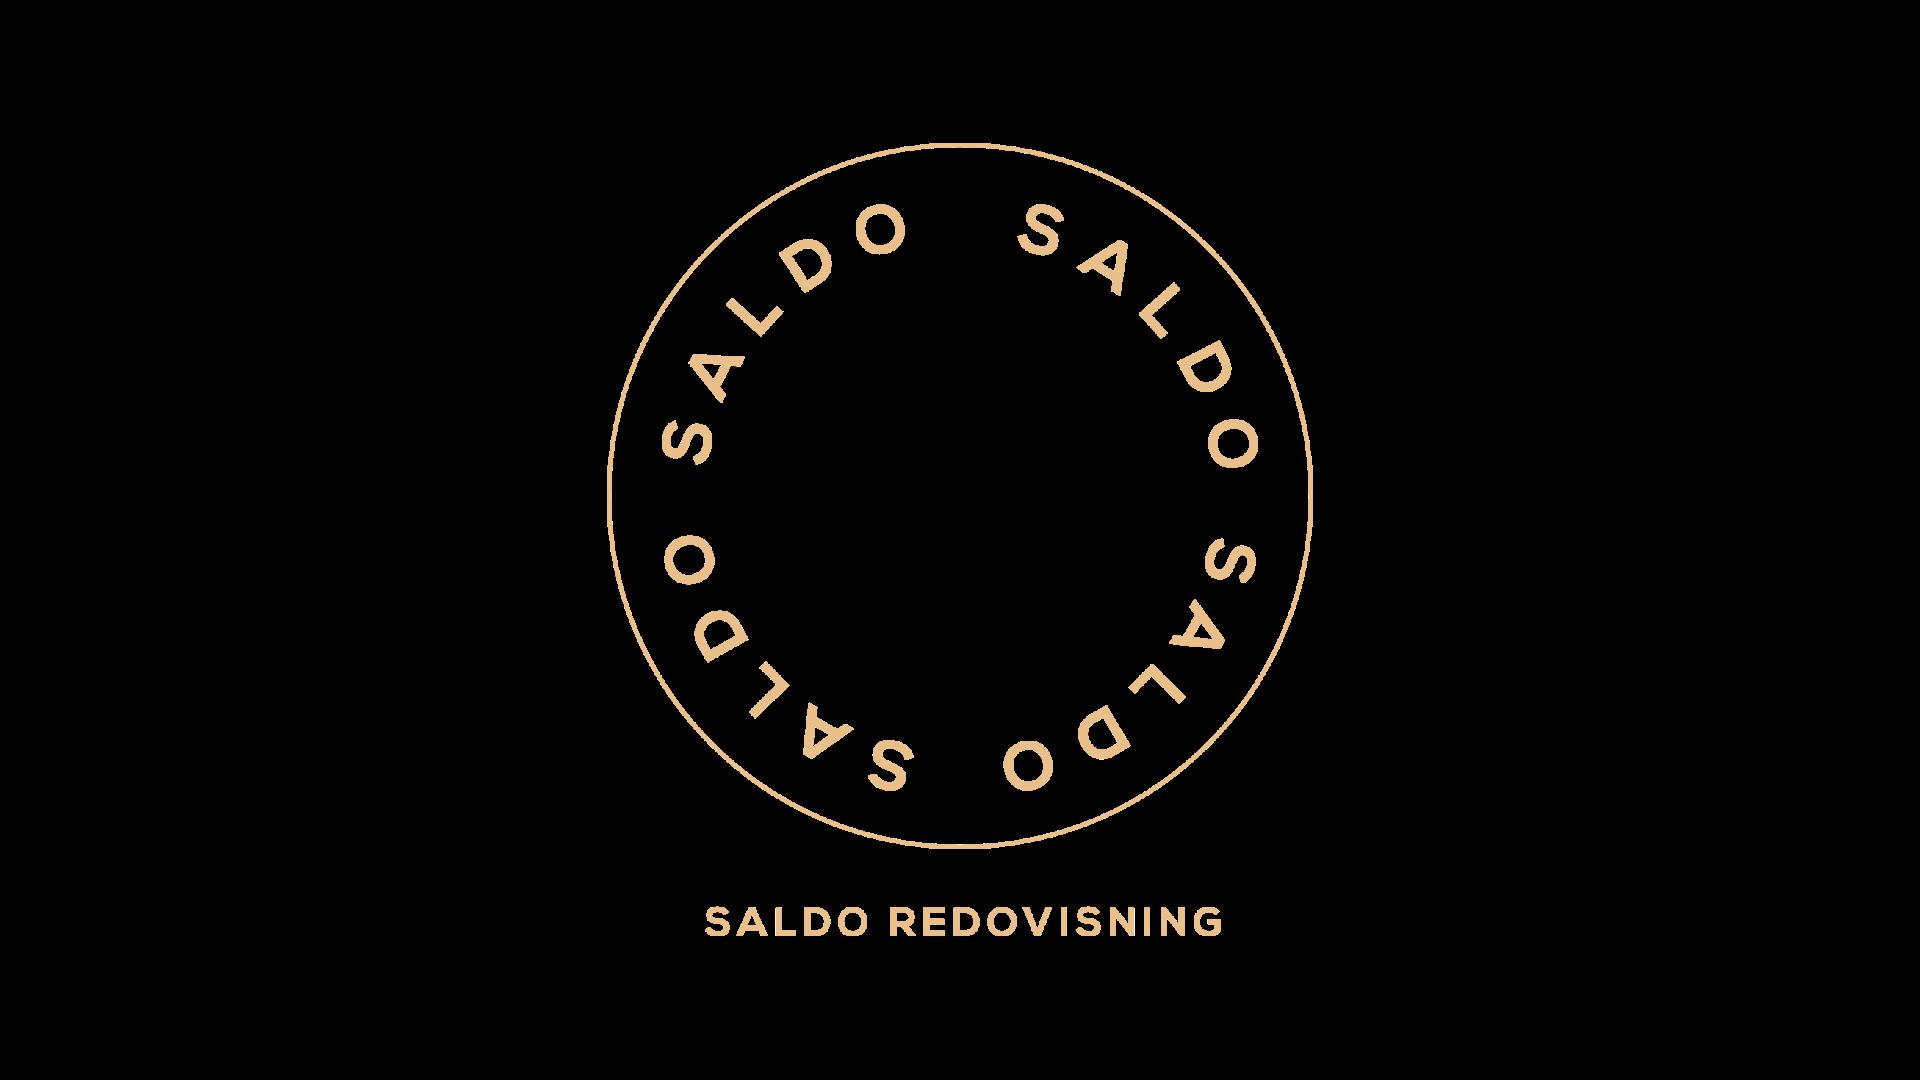 Vi är Saldo. Saldo Redovisning. En digitaliserad redovisningsbyrå i Stockholm på södermalm som kan hjälpa er med er bokföring